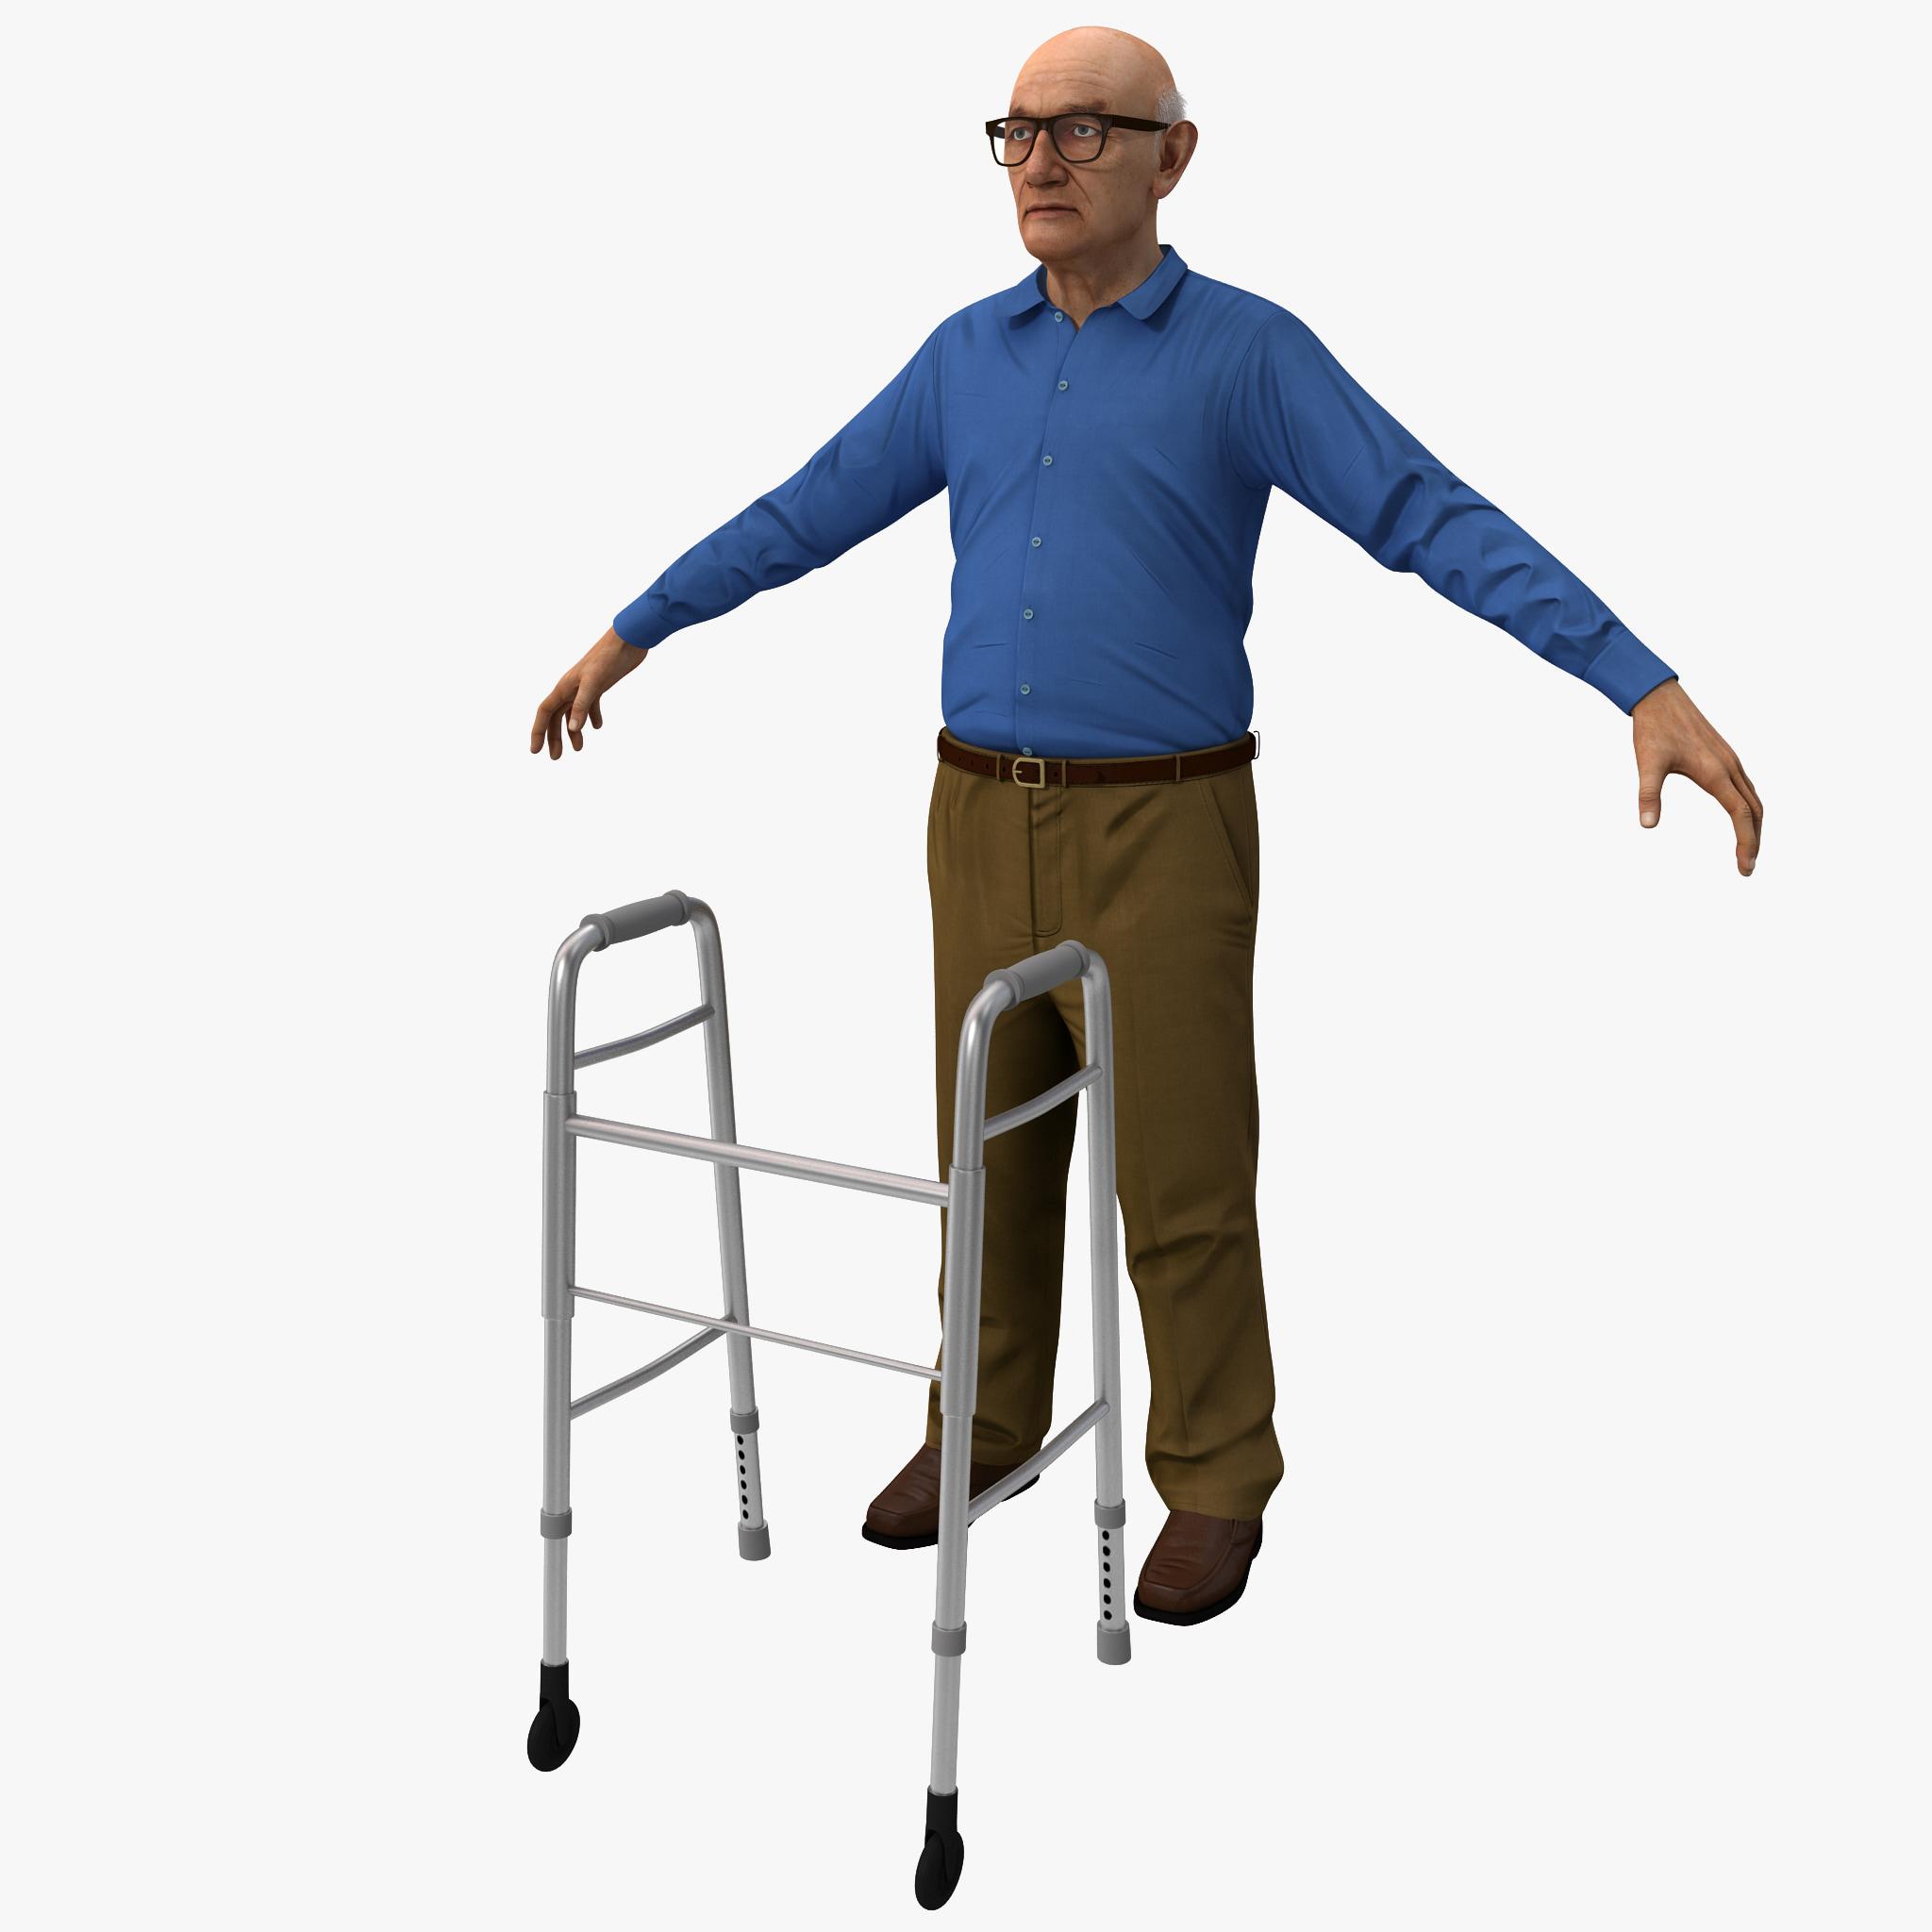 elderly man rigged version 3d model